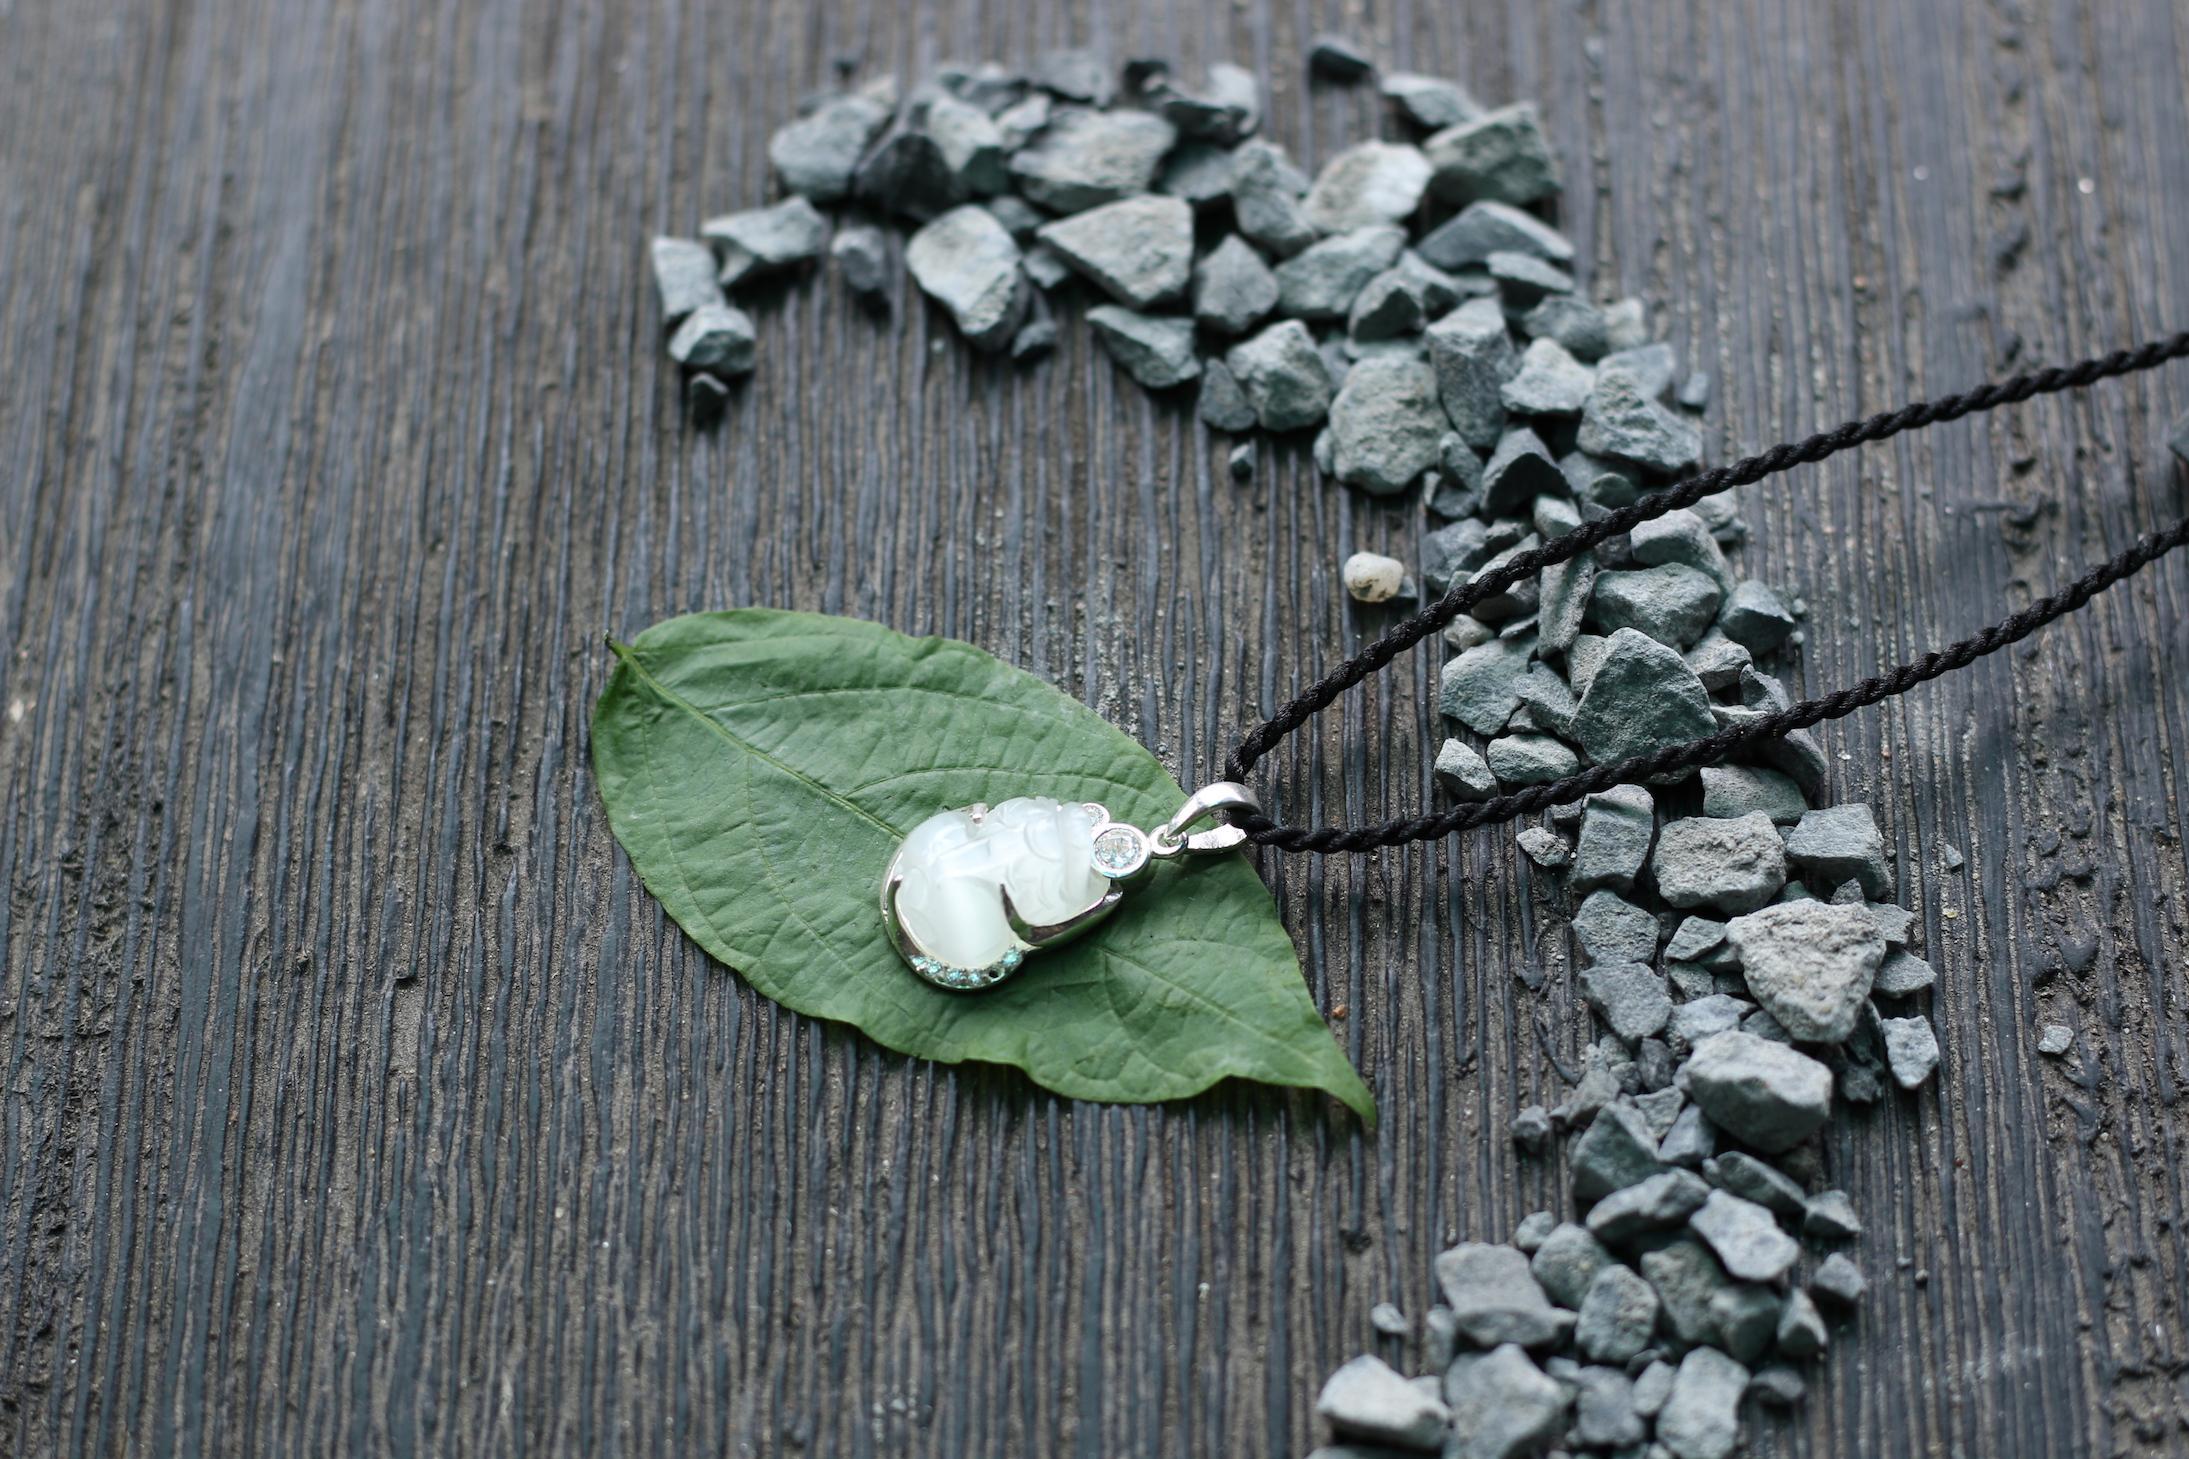 Tỳ hưu pha lê bọc bạc - trắng 2.JPG